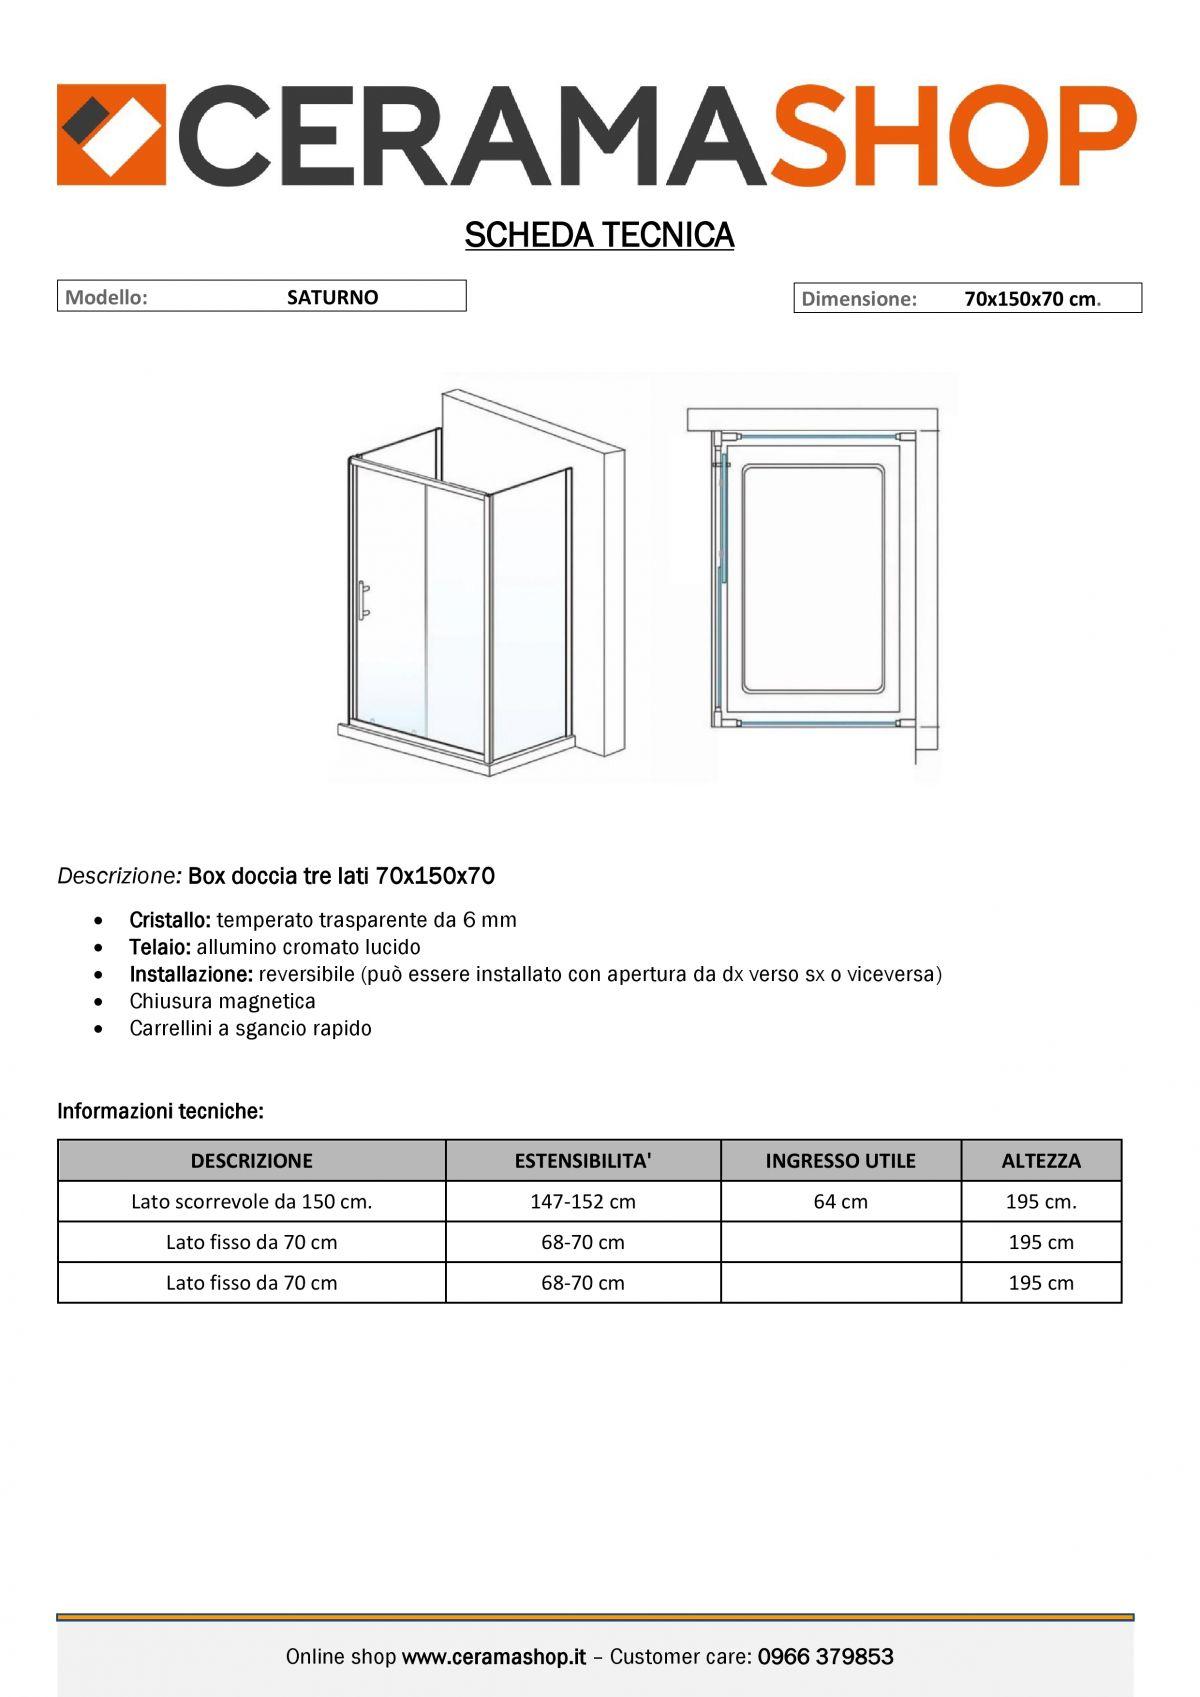 """70x150x70 0000012 scaled Box Cabina doccia tre lati """"Saturno"""" 70x150x70 cm scorrevole cristallo trasparente 6 mm"""